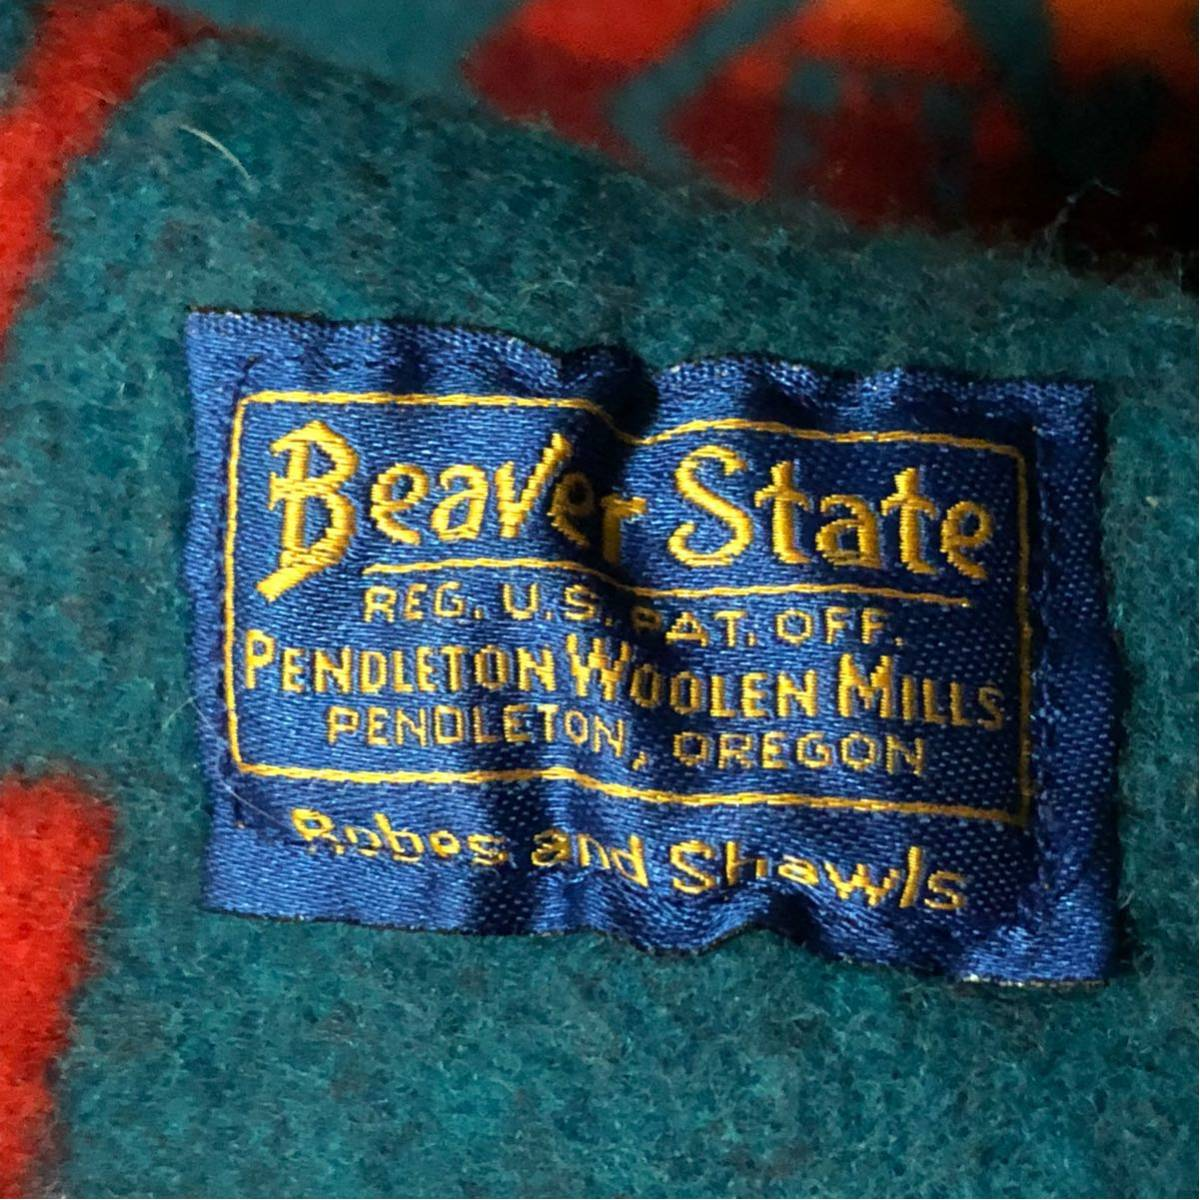 希少 USA製 BEAVER STATE ビーバーステート ネイティブ柄 ブランケット ラグ PENDLETON ペンドルトン / ウールシャツ キャンプなどにもok_画像9